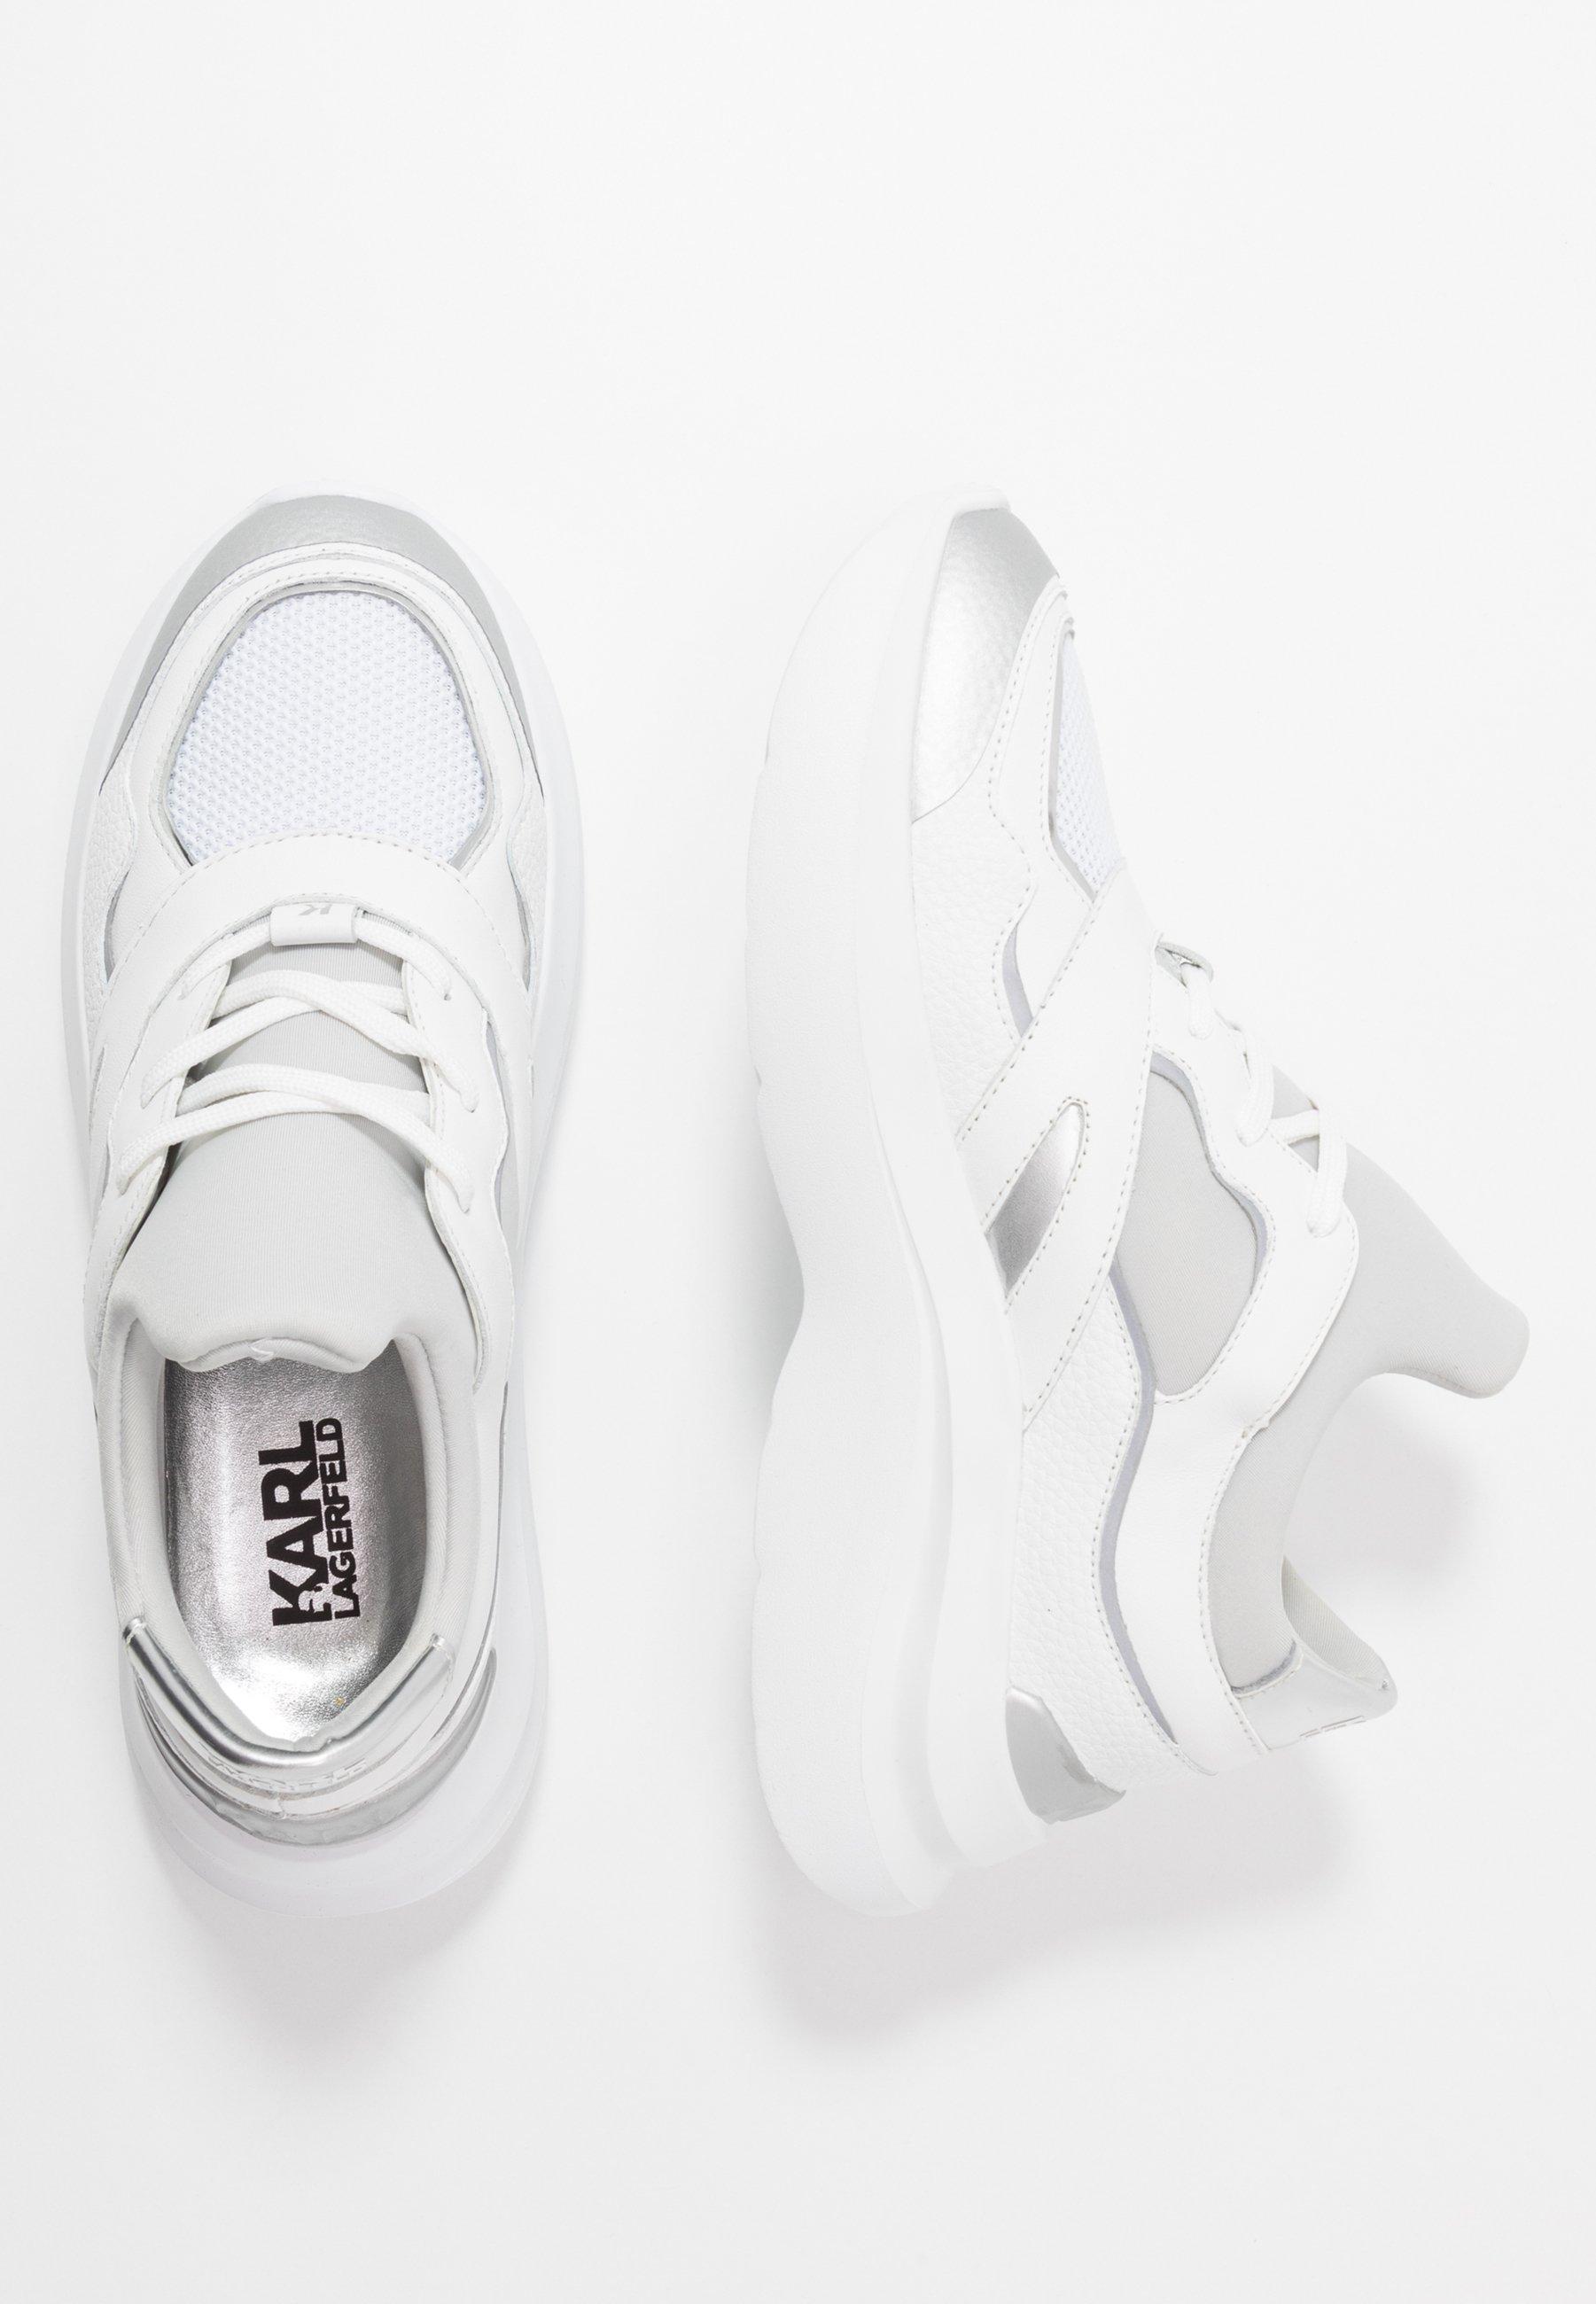 Karl Lagerfeld Skyline Delta Lace Mix - Sneakers Laag White/silver Goedkope Schoenen